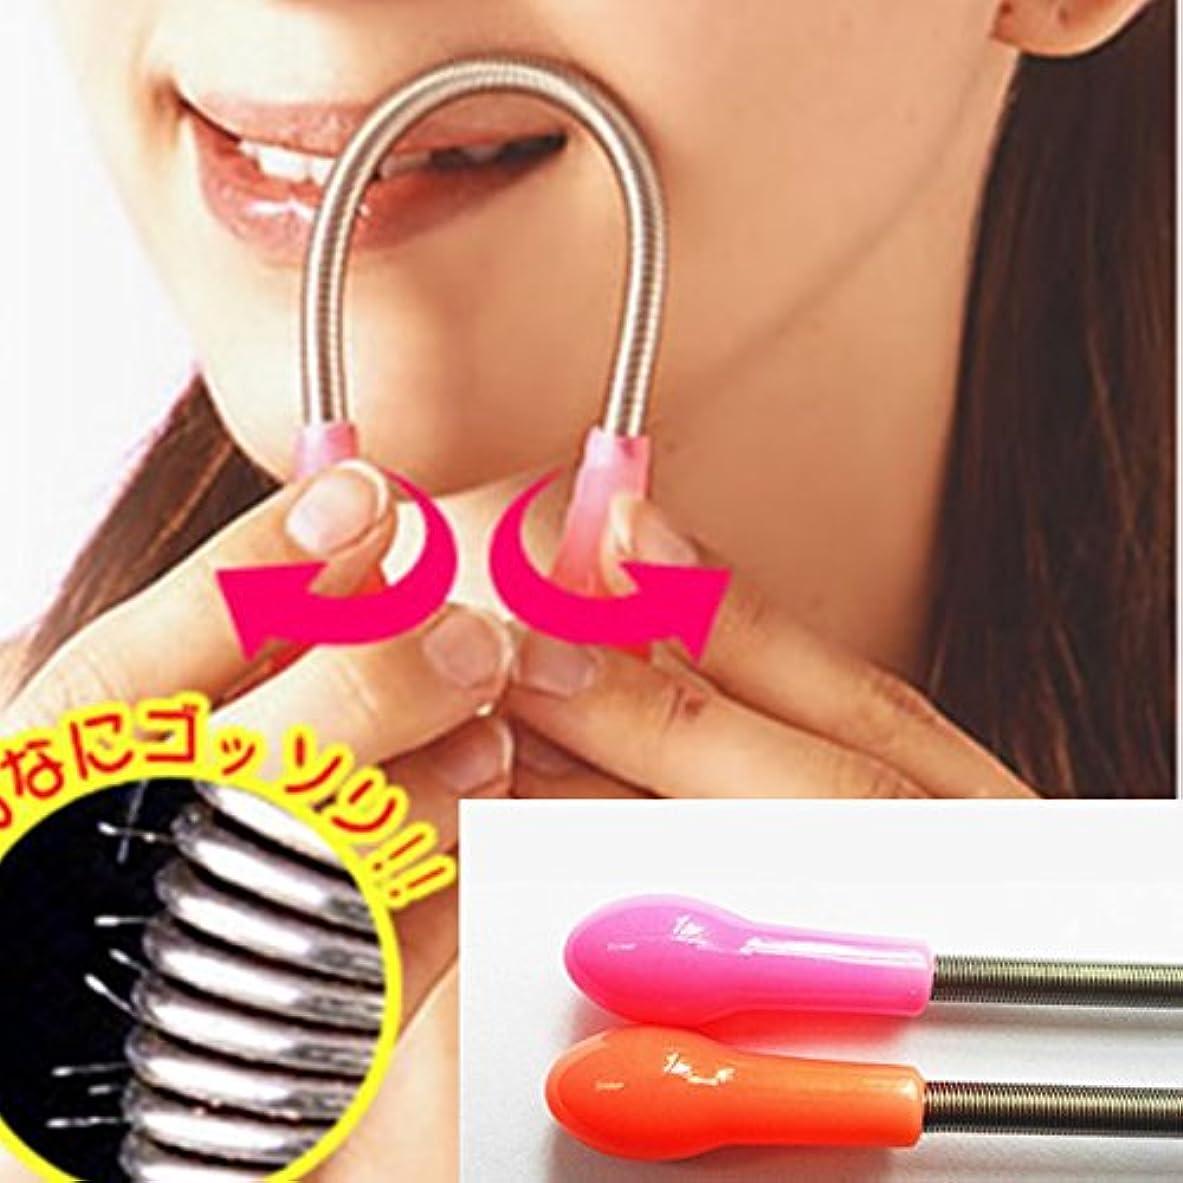 神秘百万ファランクスRabugoo 美容ツール - フェイシャルヘアスプリングリムーバースレーター除毛クリーナースティック、ピンク